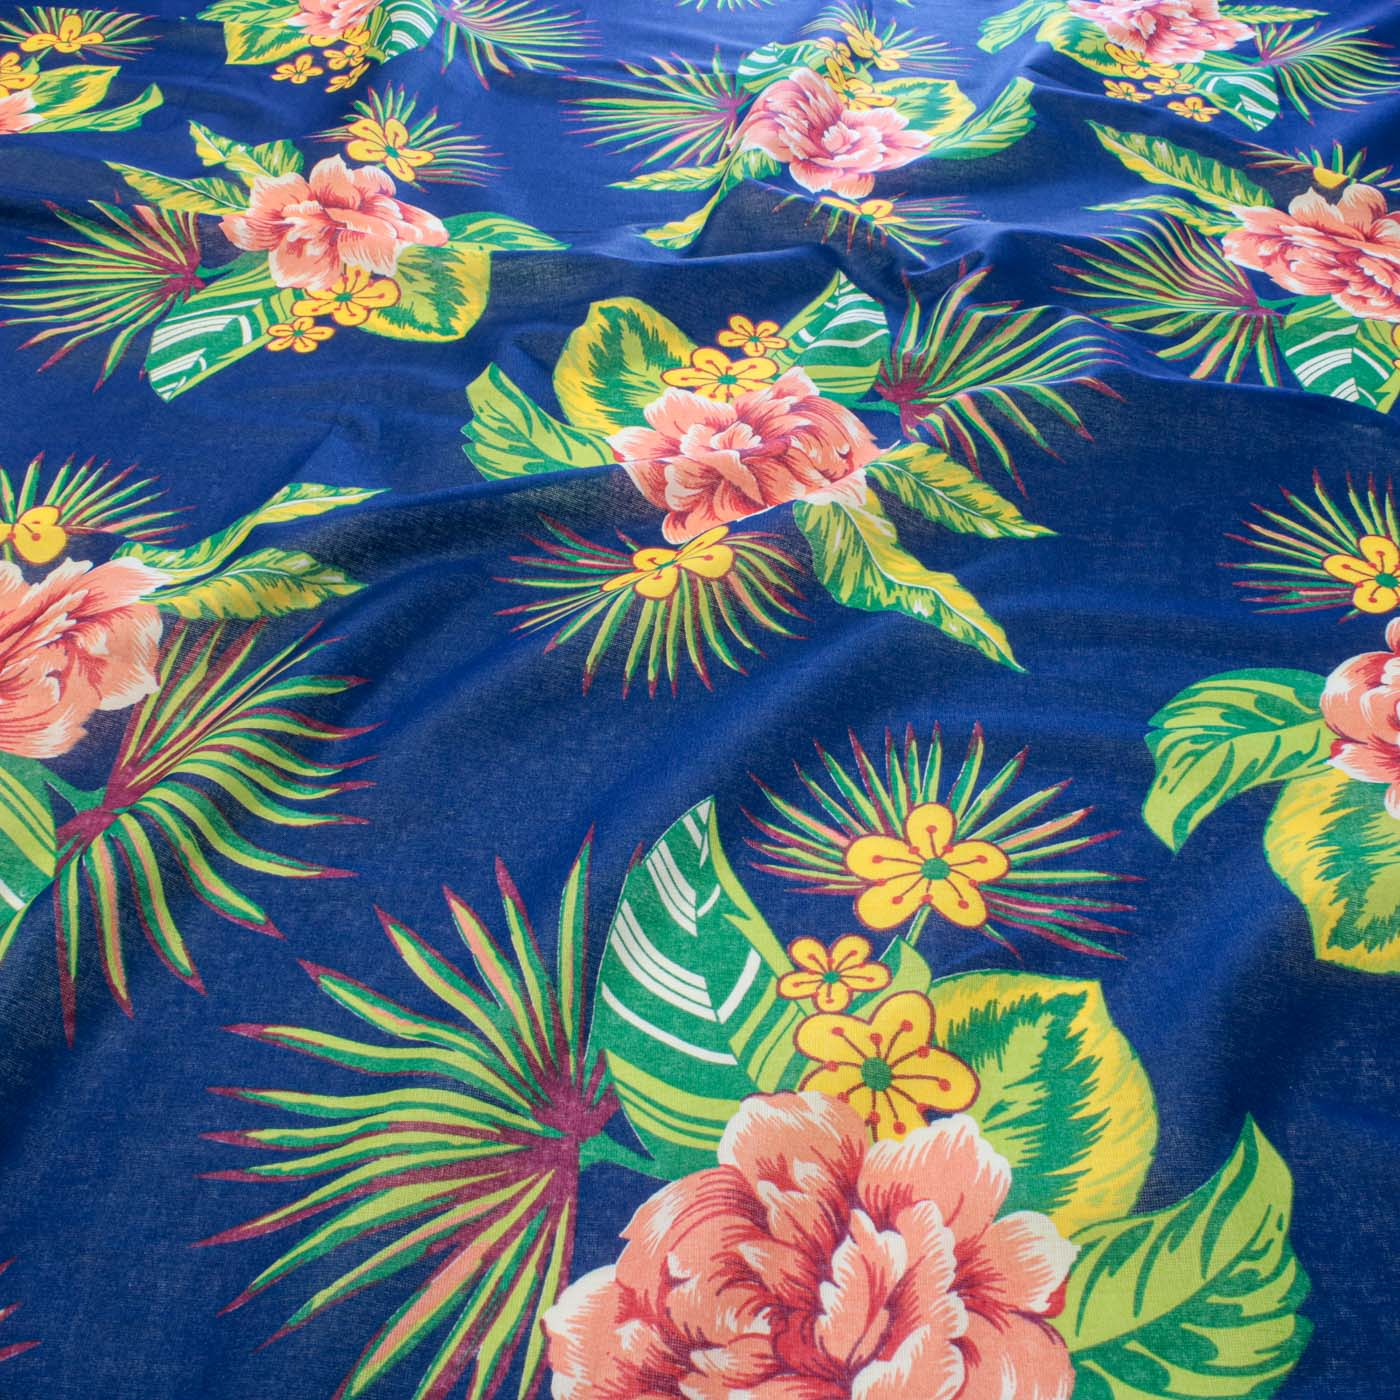 Tecido Chitão Estampado Flores 100% Algodão Azul Royal